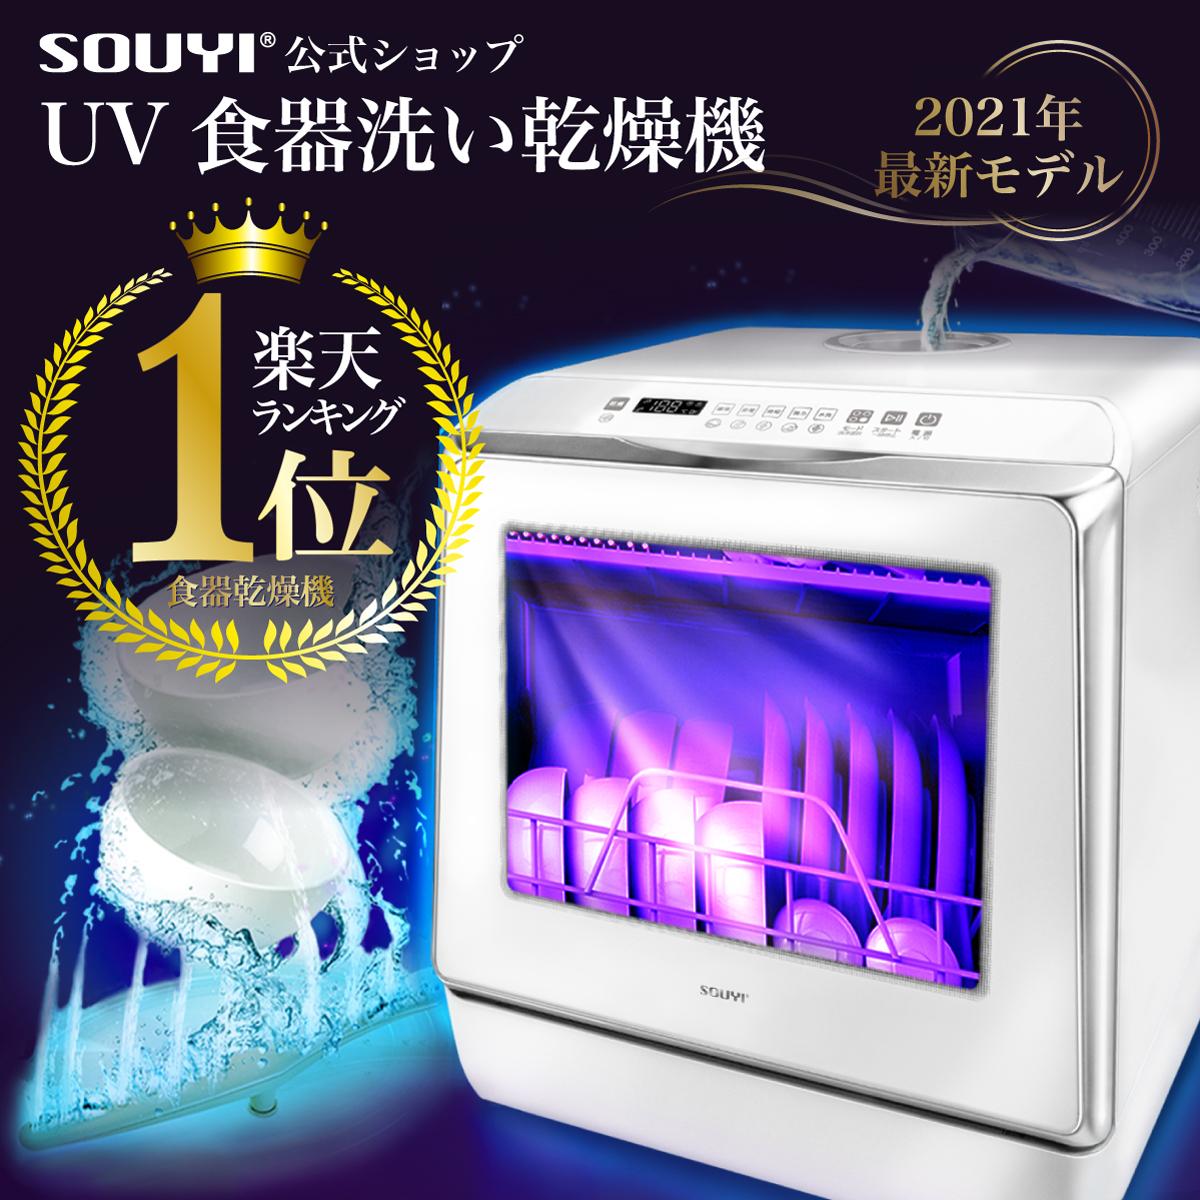 2021年 令和最新モデル 取付け工事不要の人気食洗器がUV機能搭載してさらにパワーアップしました 上下に搭載の360度回転する噴射ノズルでこびりついた頑固な汚れを強力洗浄 自動食器洗い乾燥機 格安SALEスタート SY-118 食洗器 工事不要 定価 簡単な仕組みで使いやすいです 乾燥機 高温乾燥 食器洗い 水洗いモード以外にも 洗浄 庫内高温乾燥 すすぎ